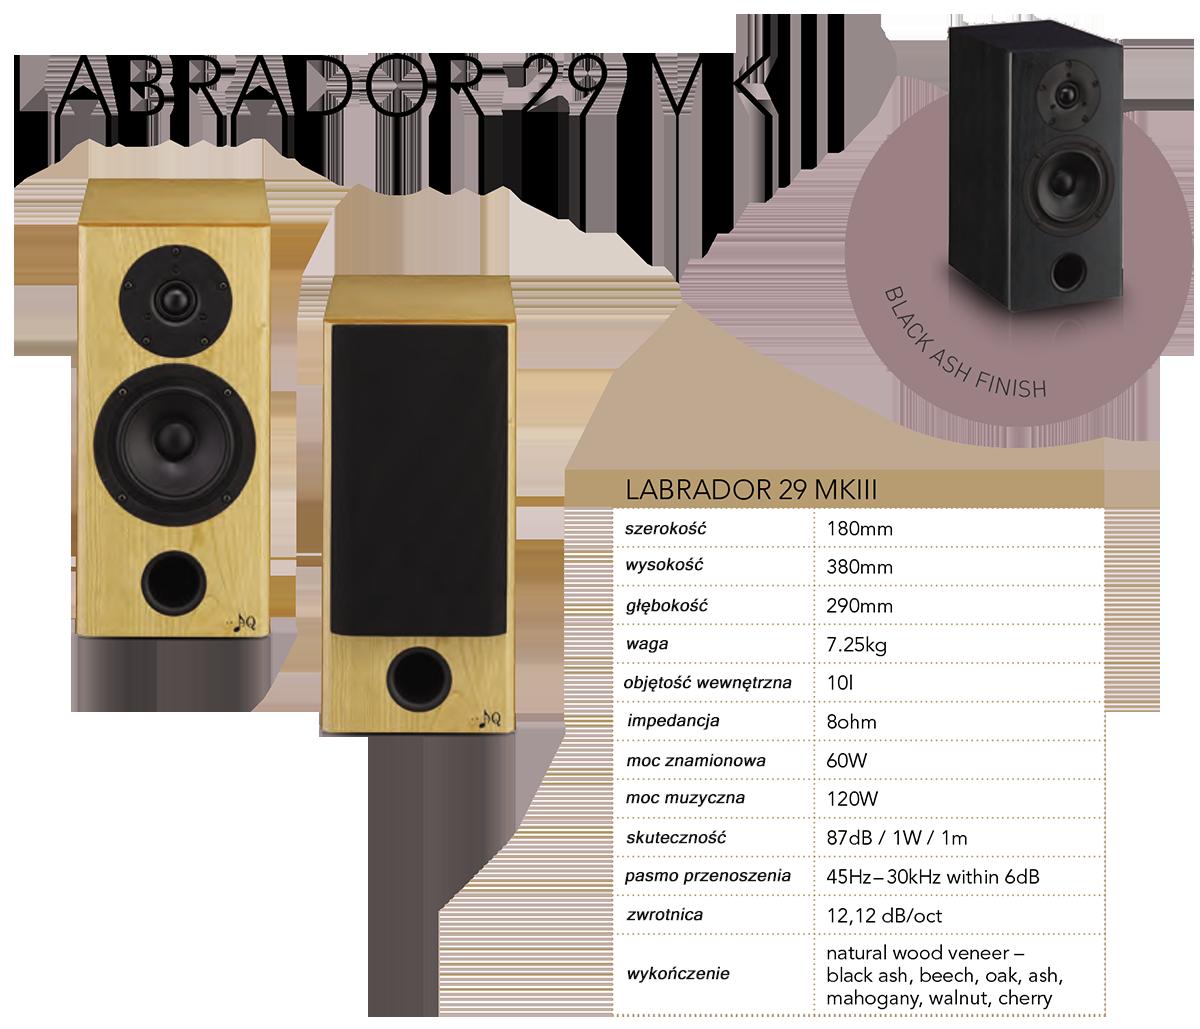 """AQ LABRADOR 29 MKIII Dwupasmowa podstawkowa kolumna głośnikowa małych rozmiarów i wielkiego serca. Ze względu na niewielki rozmiar jest bardzo łatwo ją umieścić w pomieszczeniu, spełnia kryteria estetyczne współczesnych architektów i jej muzyczny przenos jest dokładny, prawdziwy i żywy. Labrador 29 MKIII jest zaprojektowany jako deflektor bassreflex, umieszczony w podwójnym czole. Dzięki takiemu rozwiązaniu możliwe jest to, że głośnik można ustawić na meblach lub zamontować na ścianie. W obudowie o objętość 10 litrów jest wbudowany 5"""" woofer Scan-Speak z masywnym koszem odlanym z aluminium z membraną z włókna szklanego. Głośnik wysokotonowy jest precyzyjnym głośnikiem Vifa 1"""" z tekstylną wkładką i chłodzony ferrofluidem. Zaawansowana elektroniczna zwrotnica drugiego rzędu jest umieszczona na panelu, a wszystkie elementy są lutowane na gorąco przy użyciu metody D2D. Labrador 29 MKIII, może być używany jako kolumna przednia w mniejszych pomieszczeniach lub jako surround do kina domowego, w dużych pomieszczeniach."""